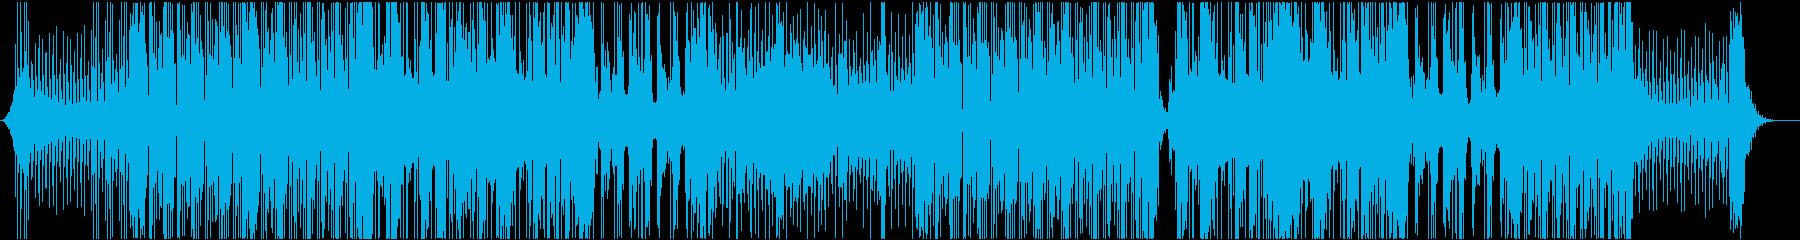 ノリがよく楽しい雰囲気のレゲエ、ダブの再生済みの波形